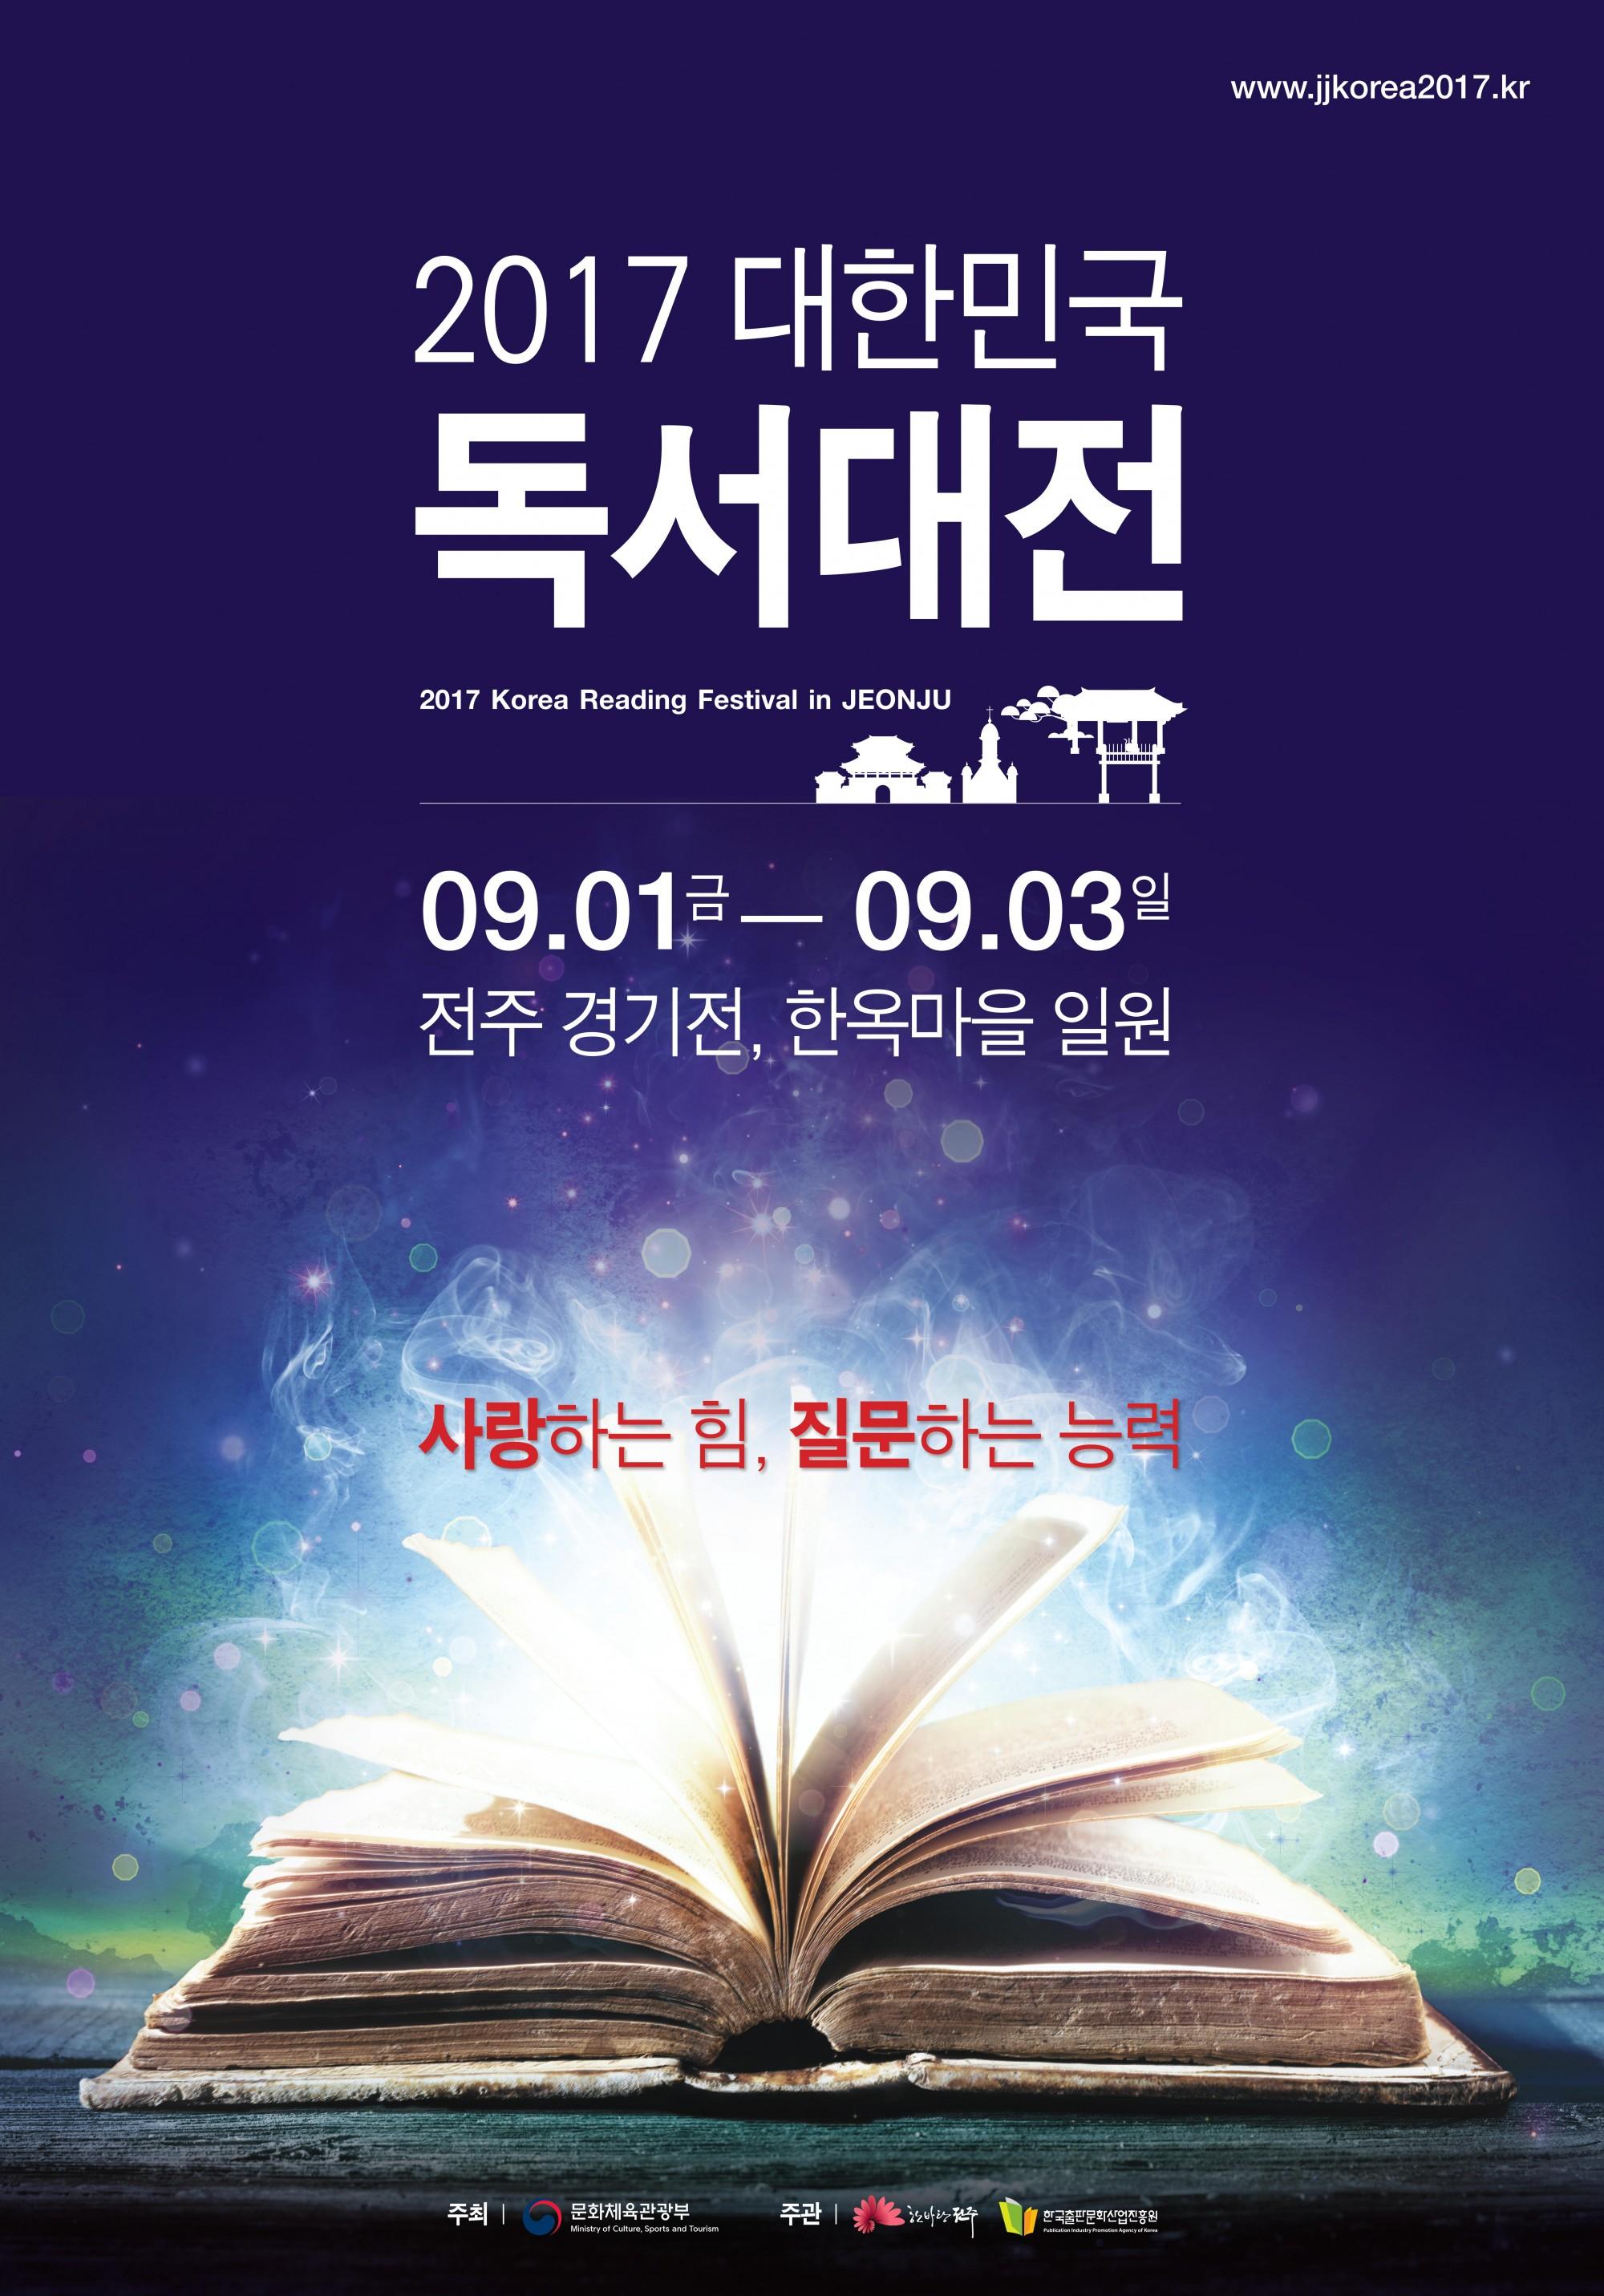 2017 대한민국 독서대전